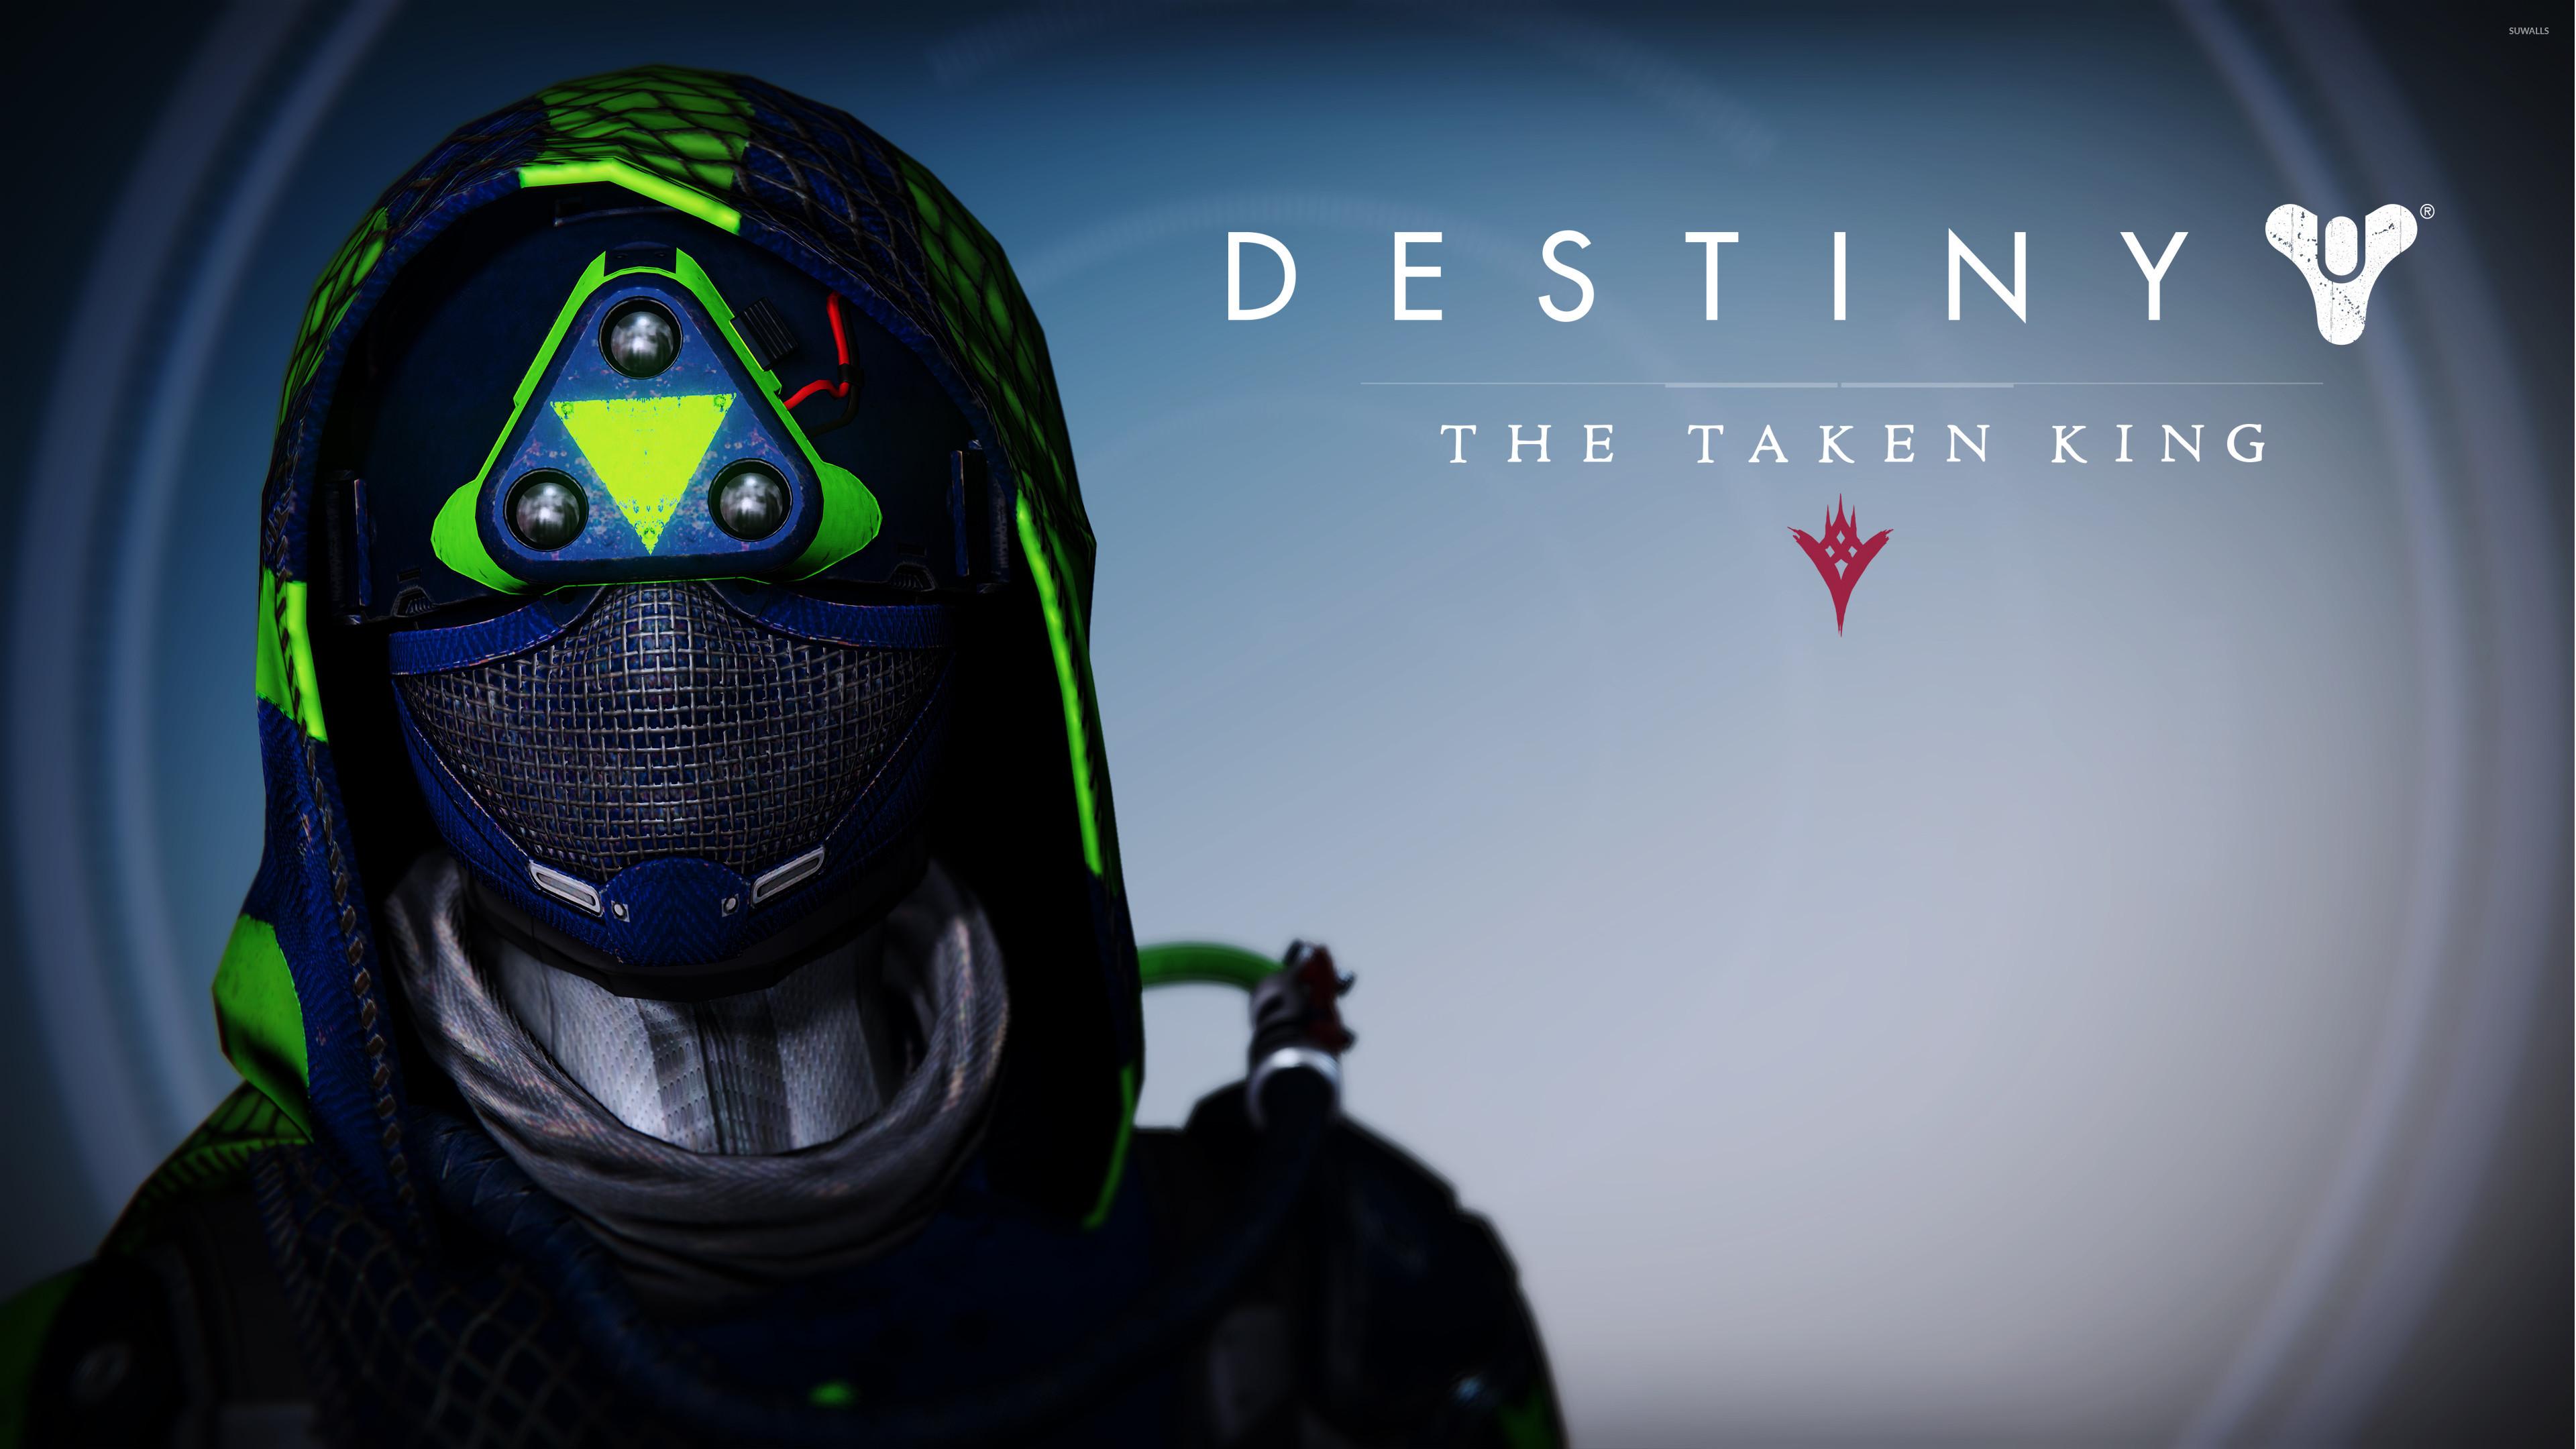 Hunter female helmet – Destiny: The Taken King wallpaper jpg